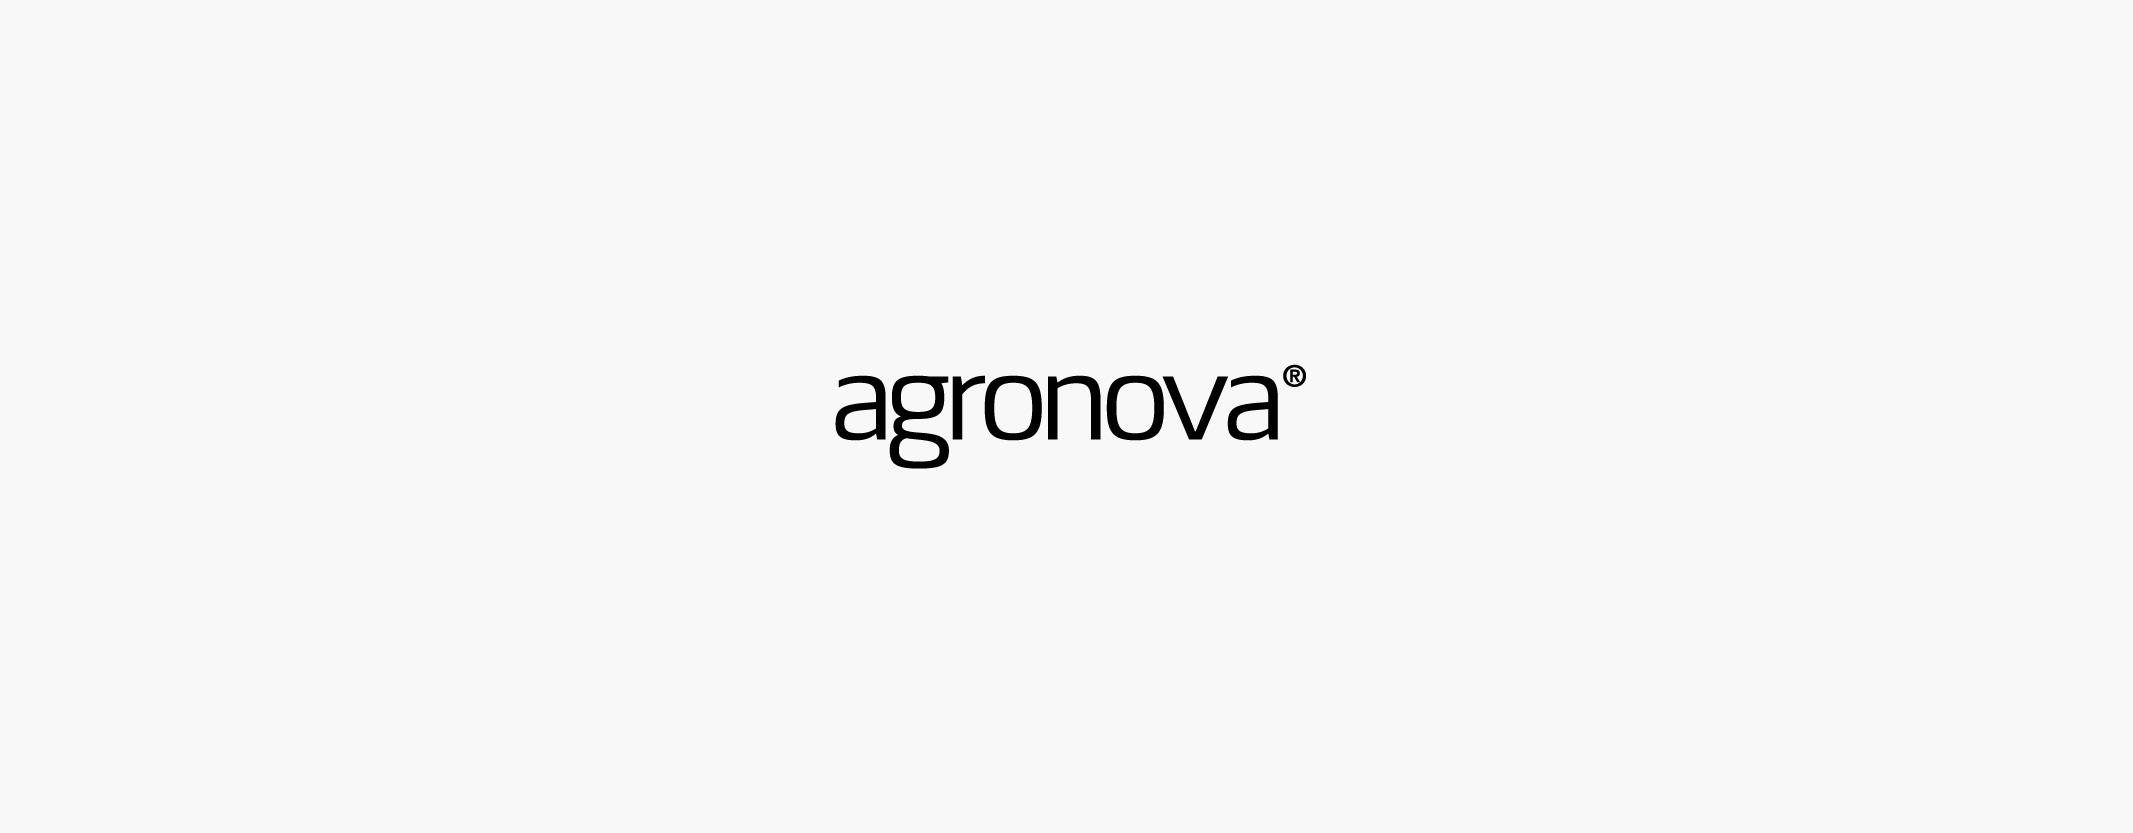 30_logos_agronova